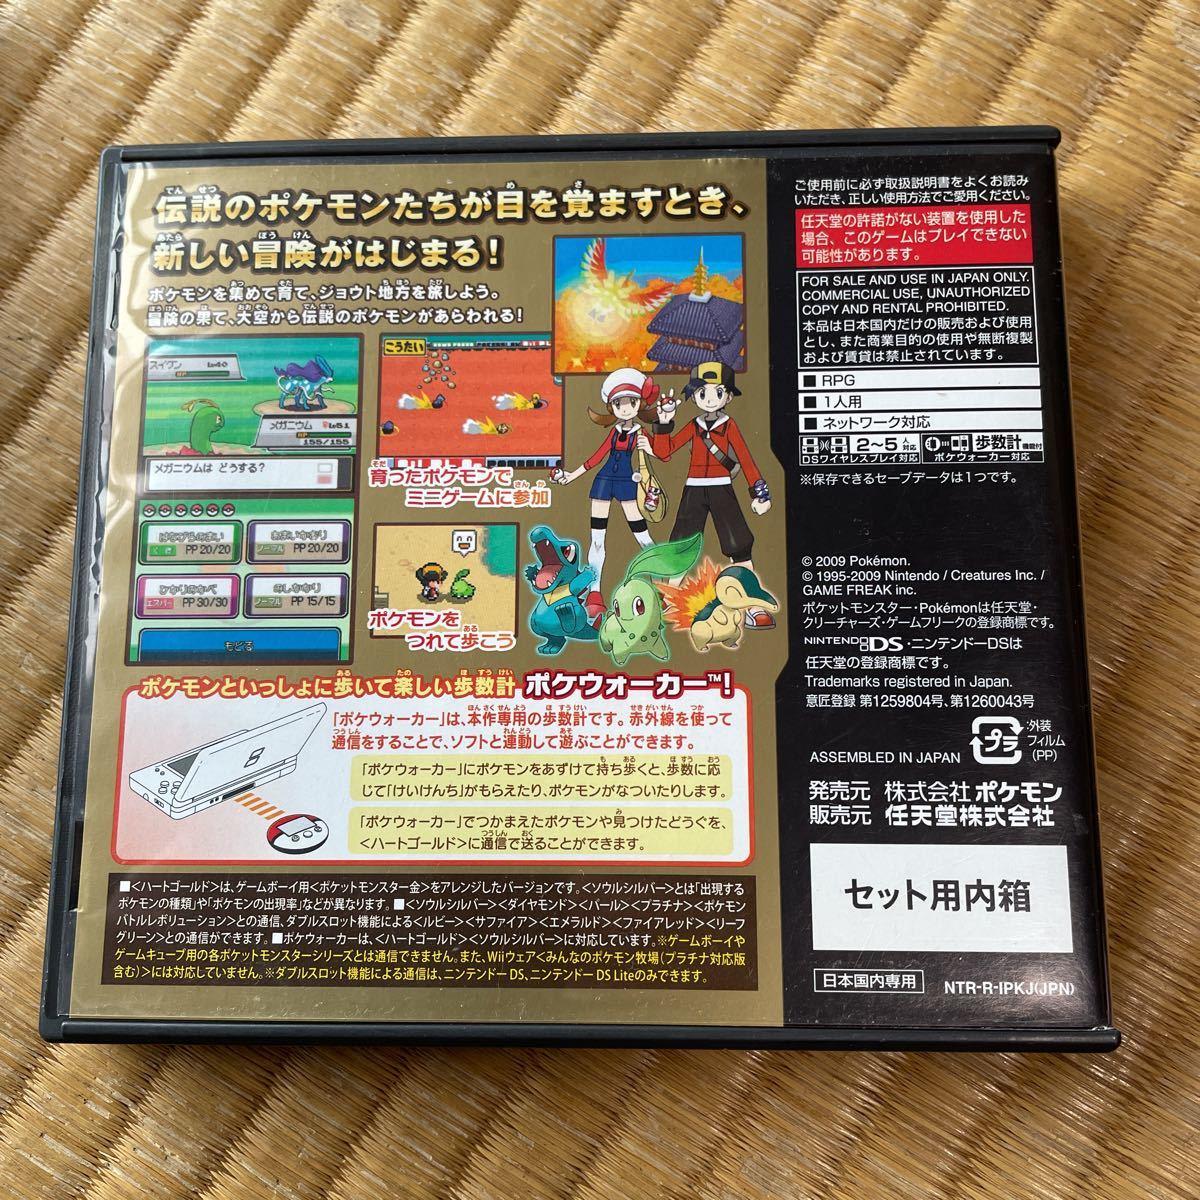 ポケットモンスター ハートゴールド DSソフト